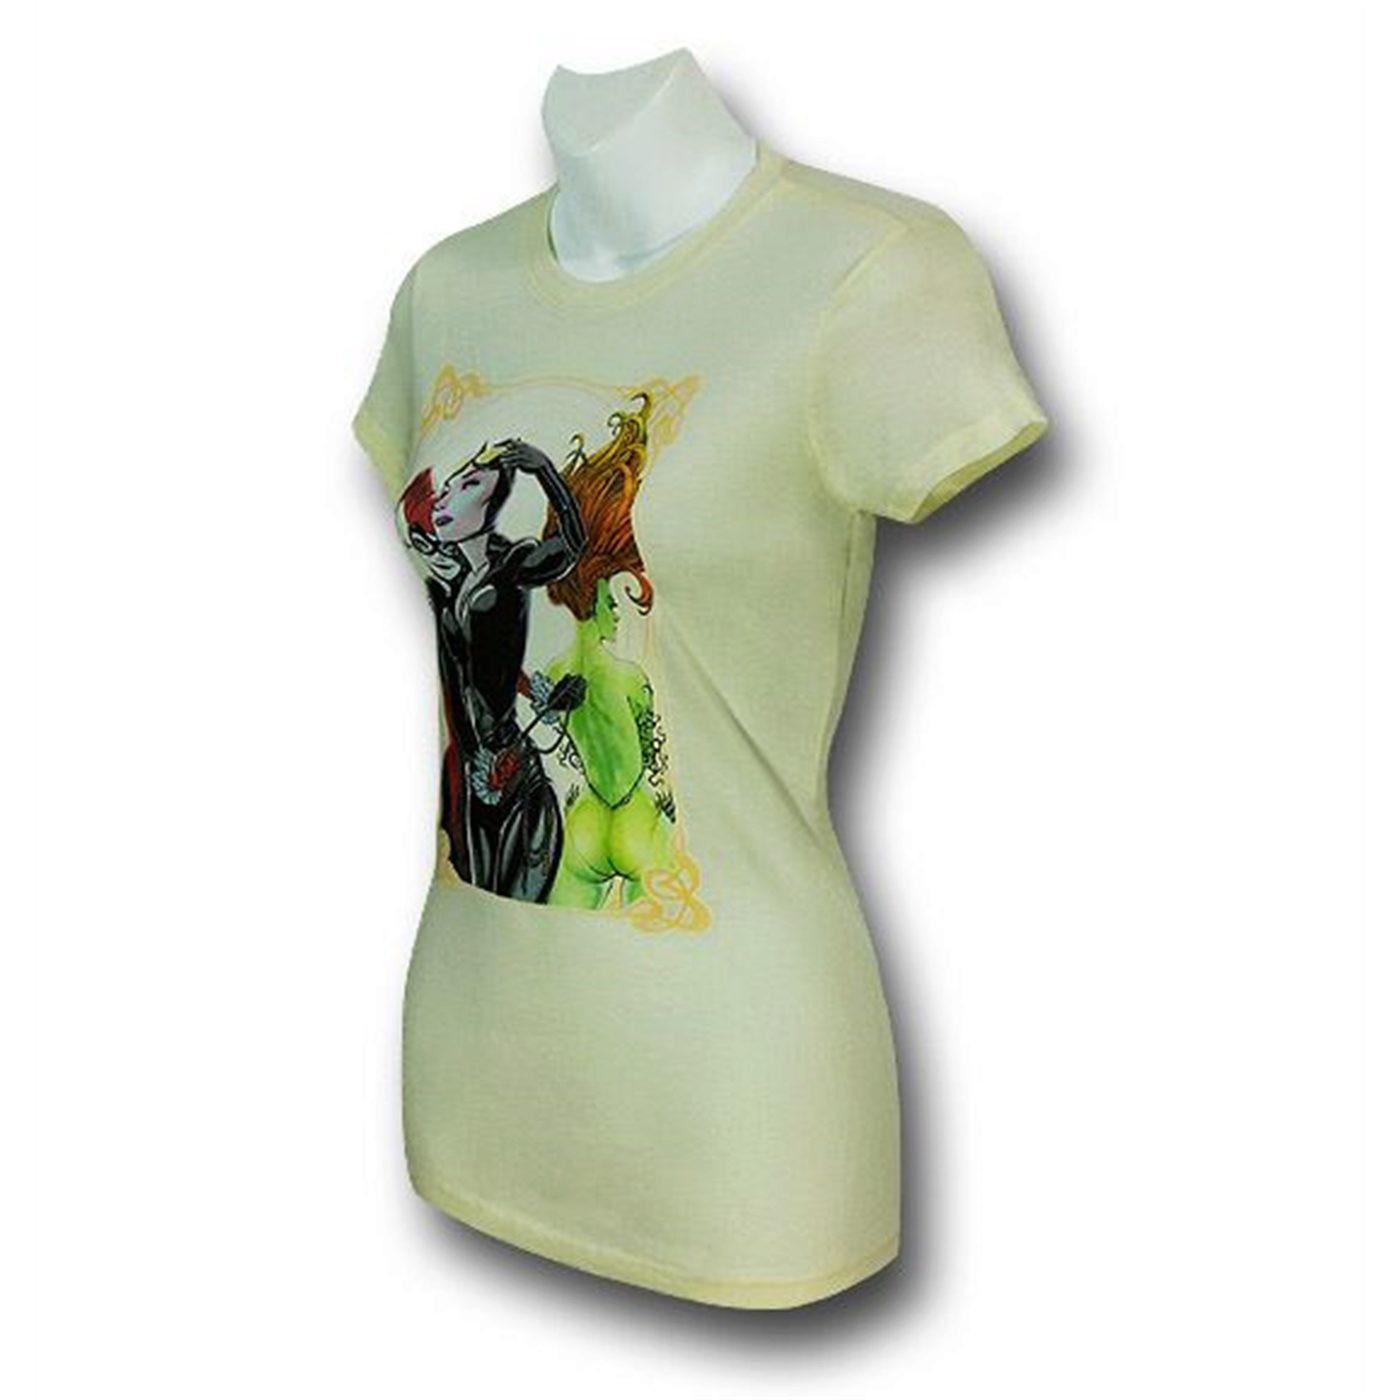 Gotham City Sirens Women's T-Shirt